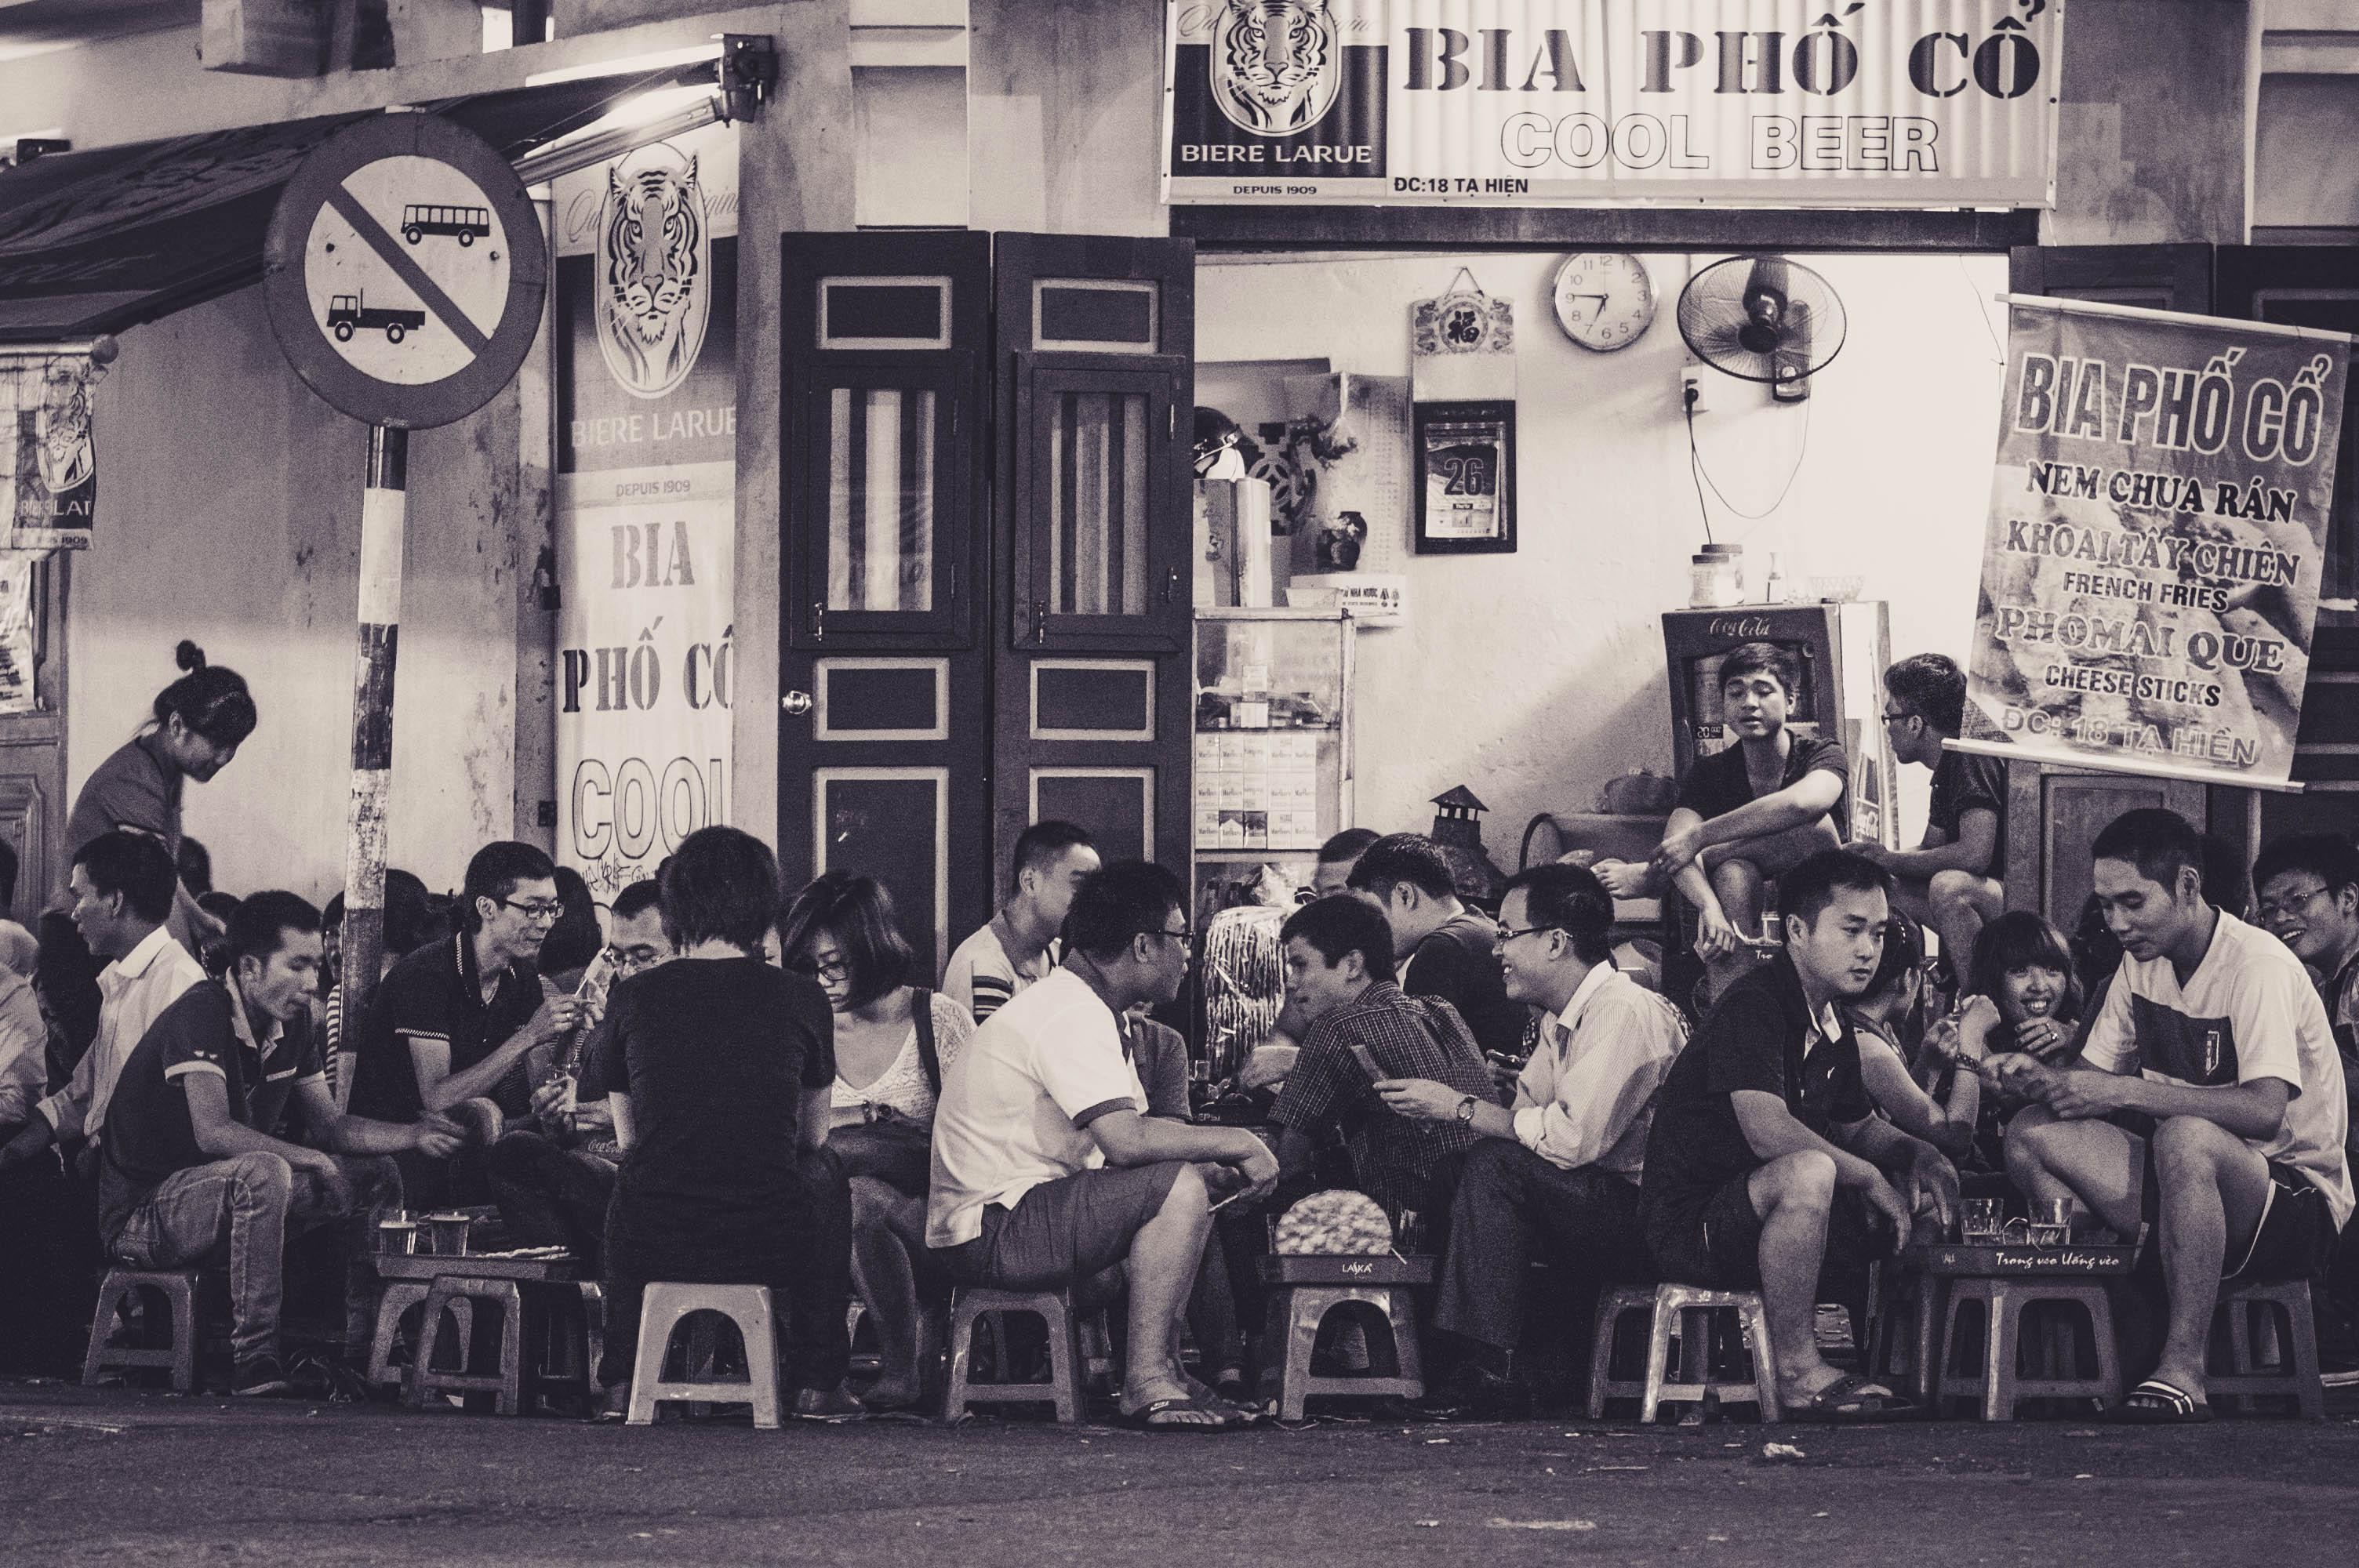 20120926_Vietnam_2970